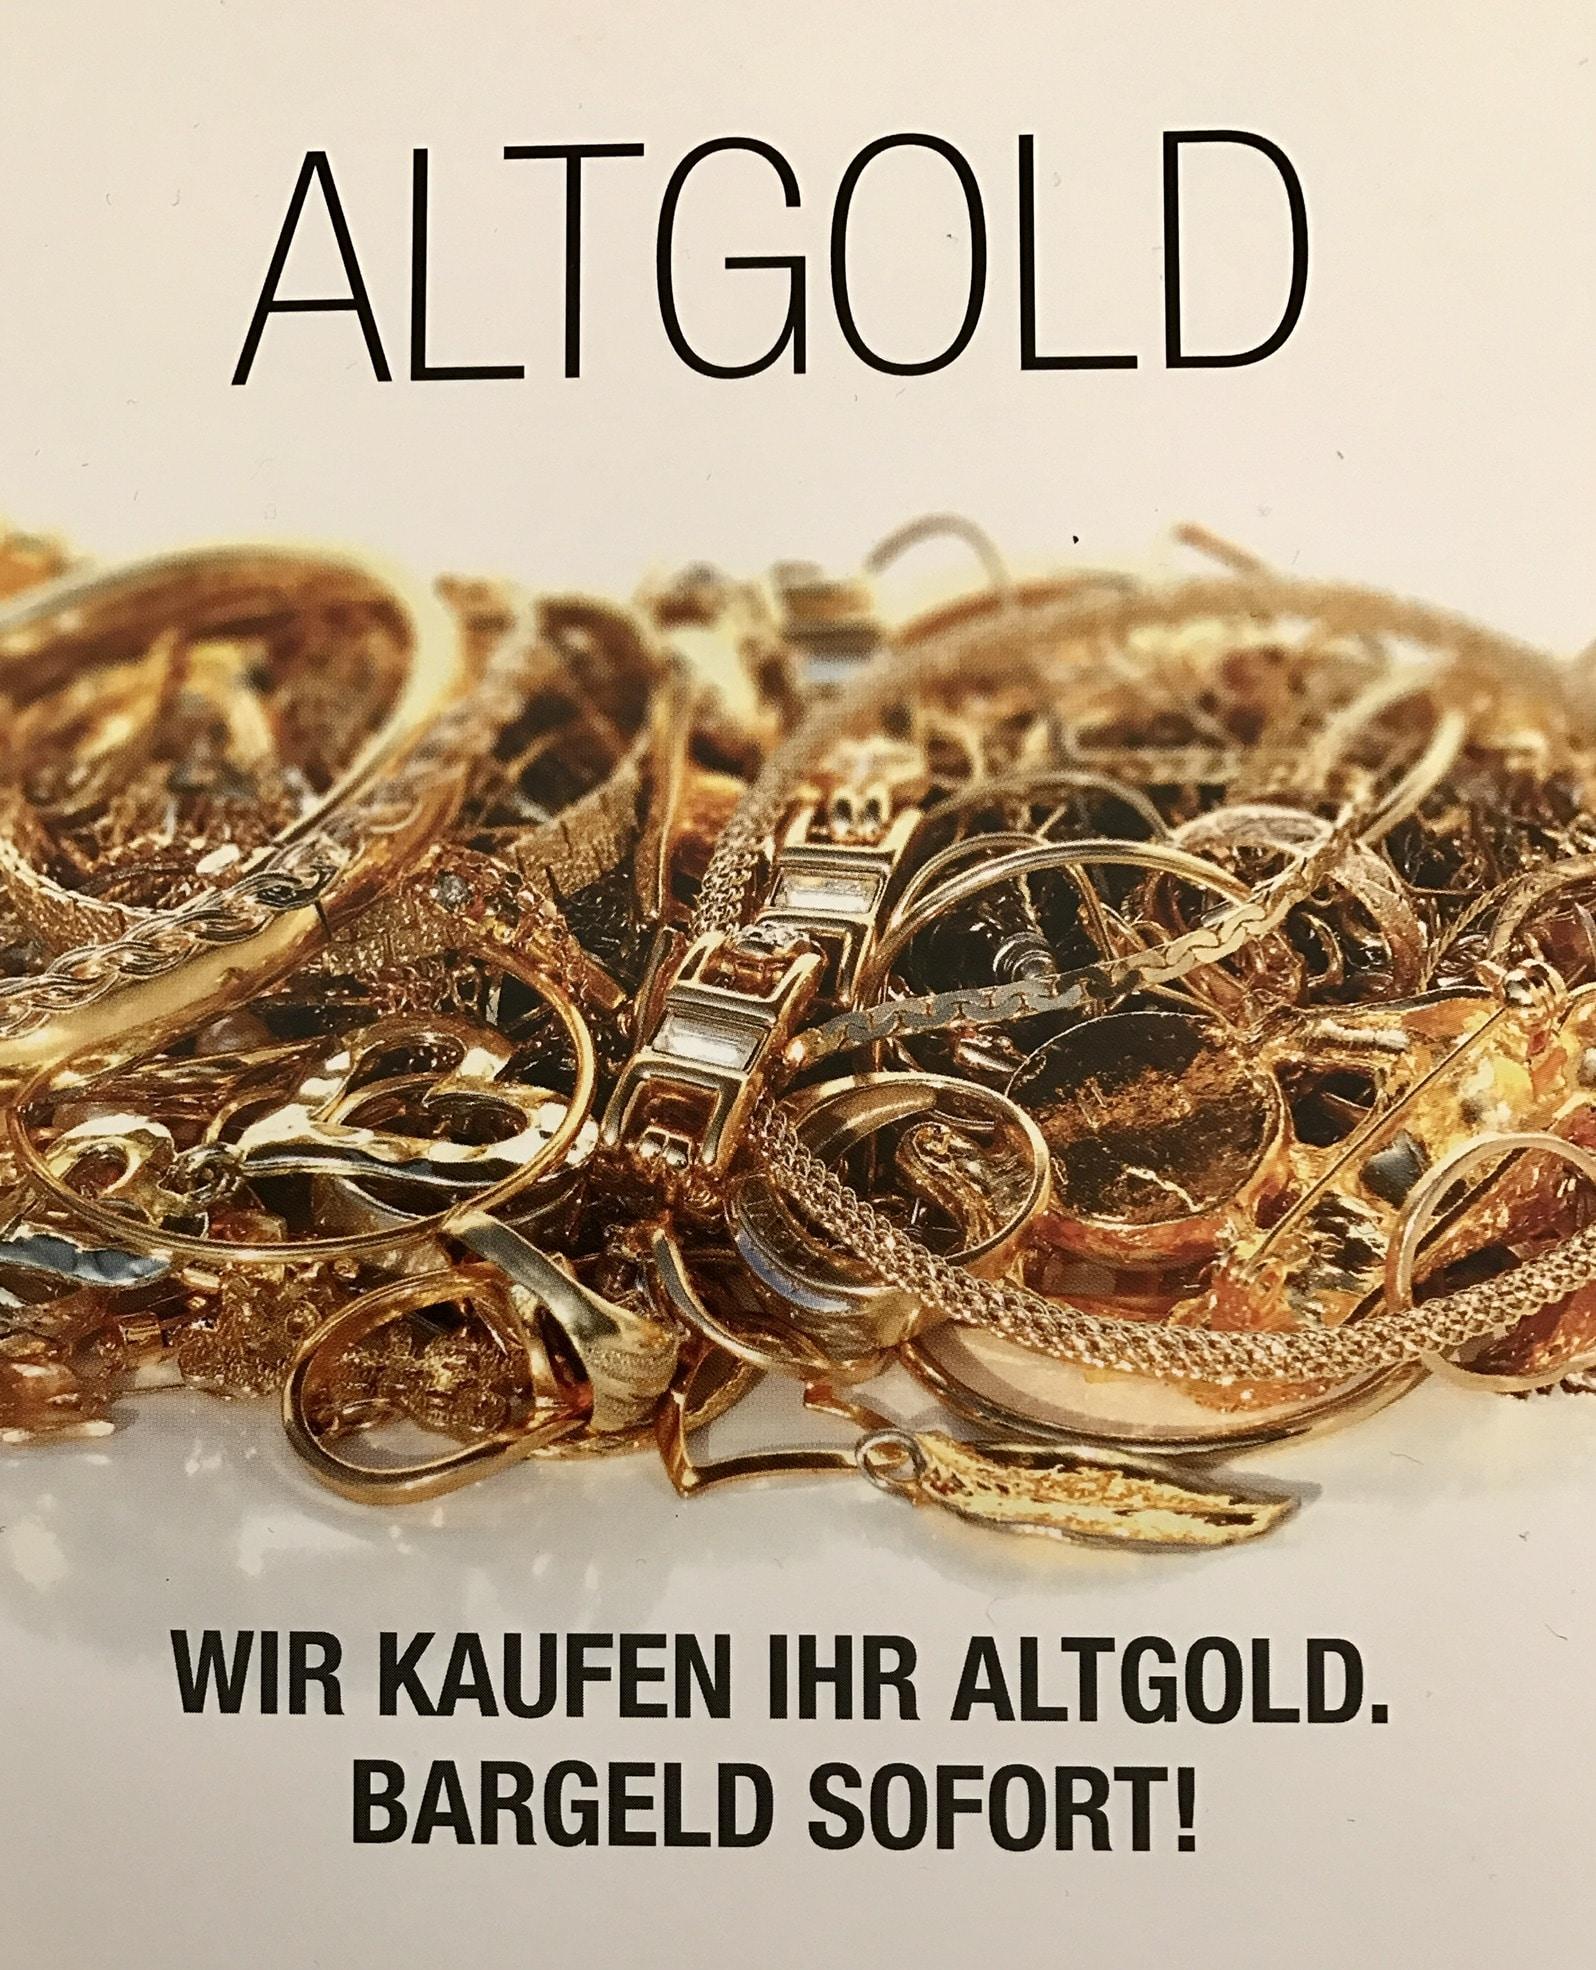 Verkaufen Sie Ihr Altgold